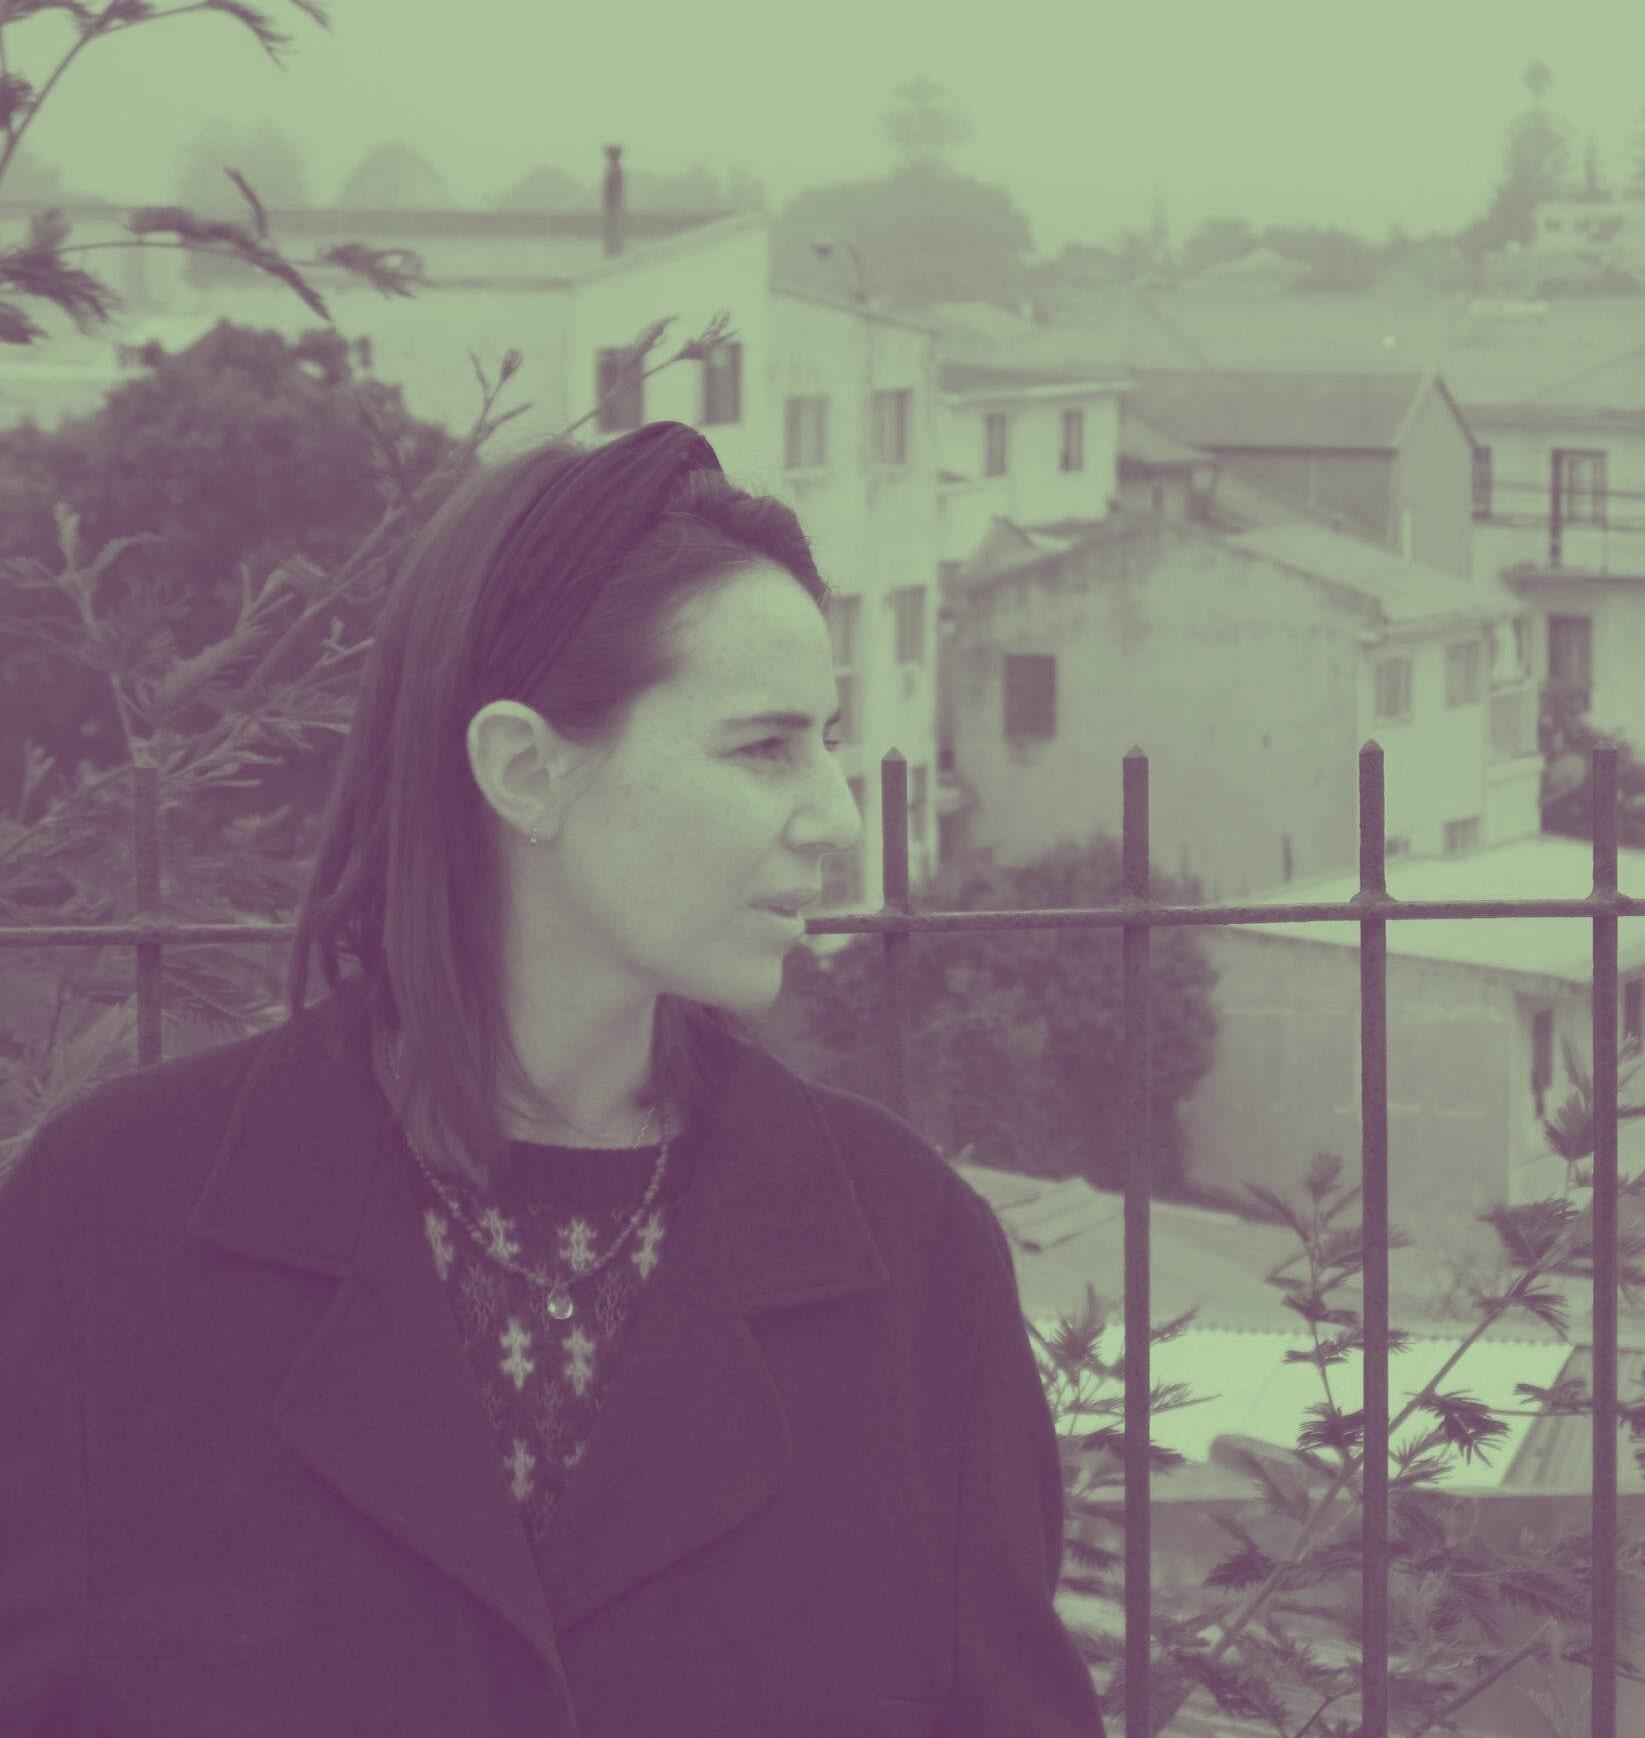 Begoña Ugalde, poet and founder of Ediciones Liquen